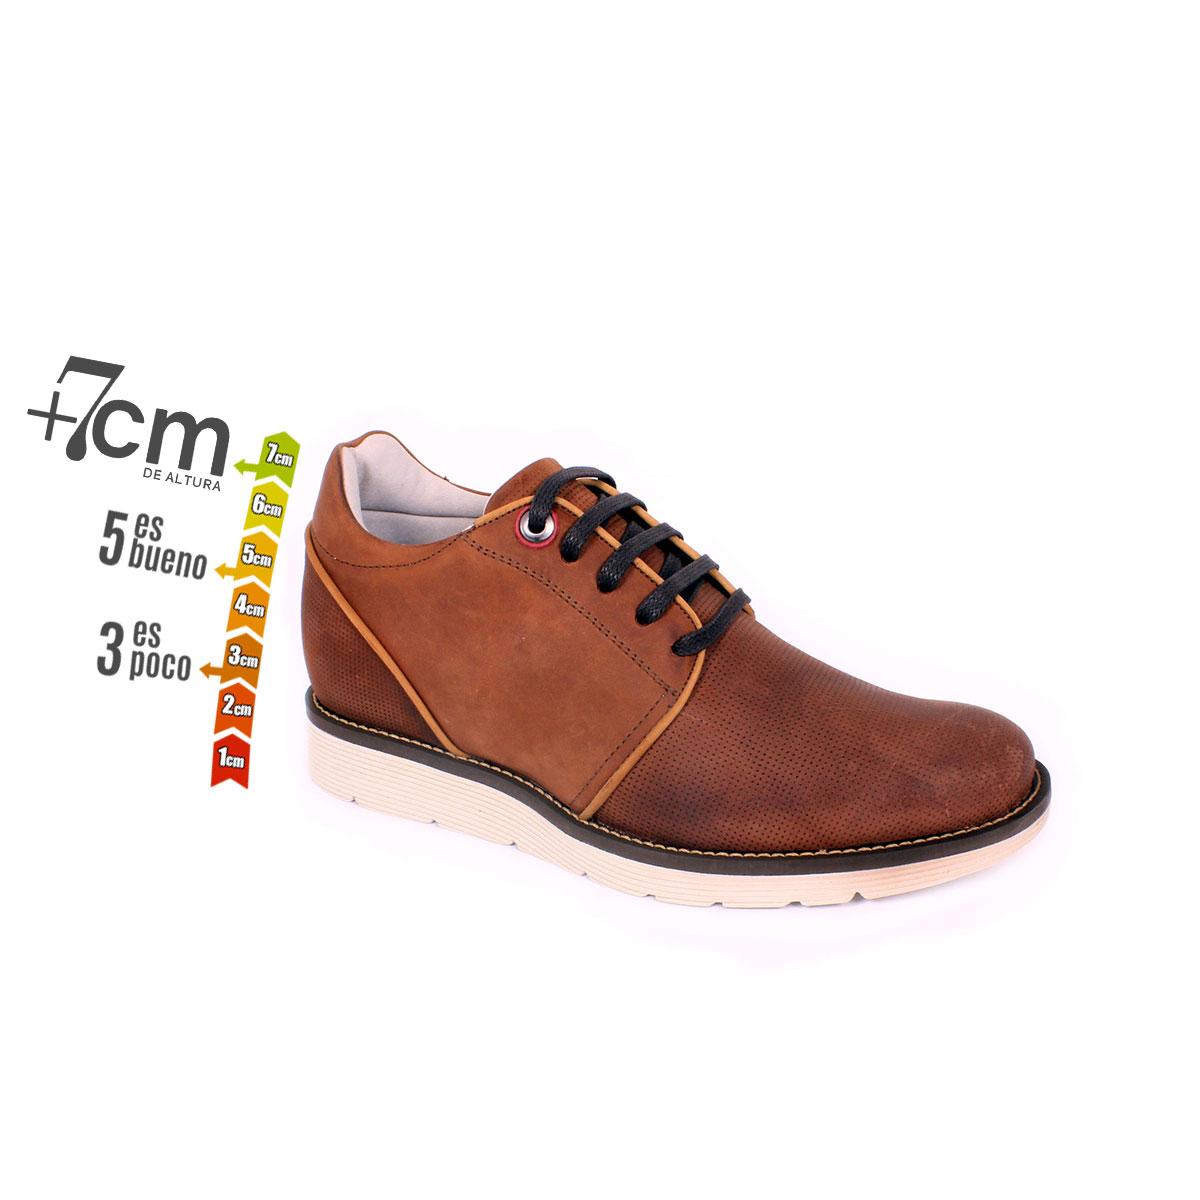 Zapato Casual Avenue Café Max Denegri +7cm de Altura_74102